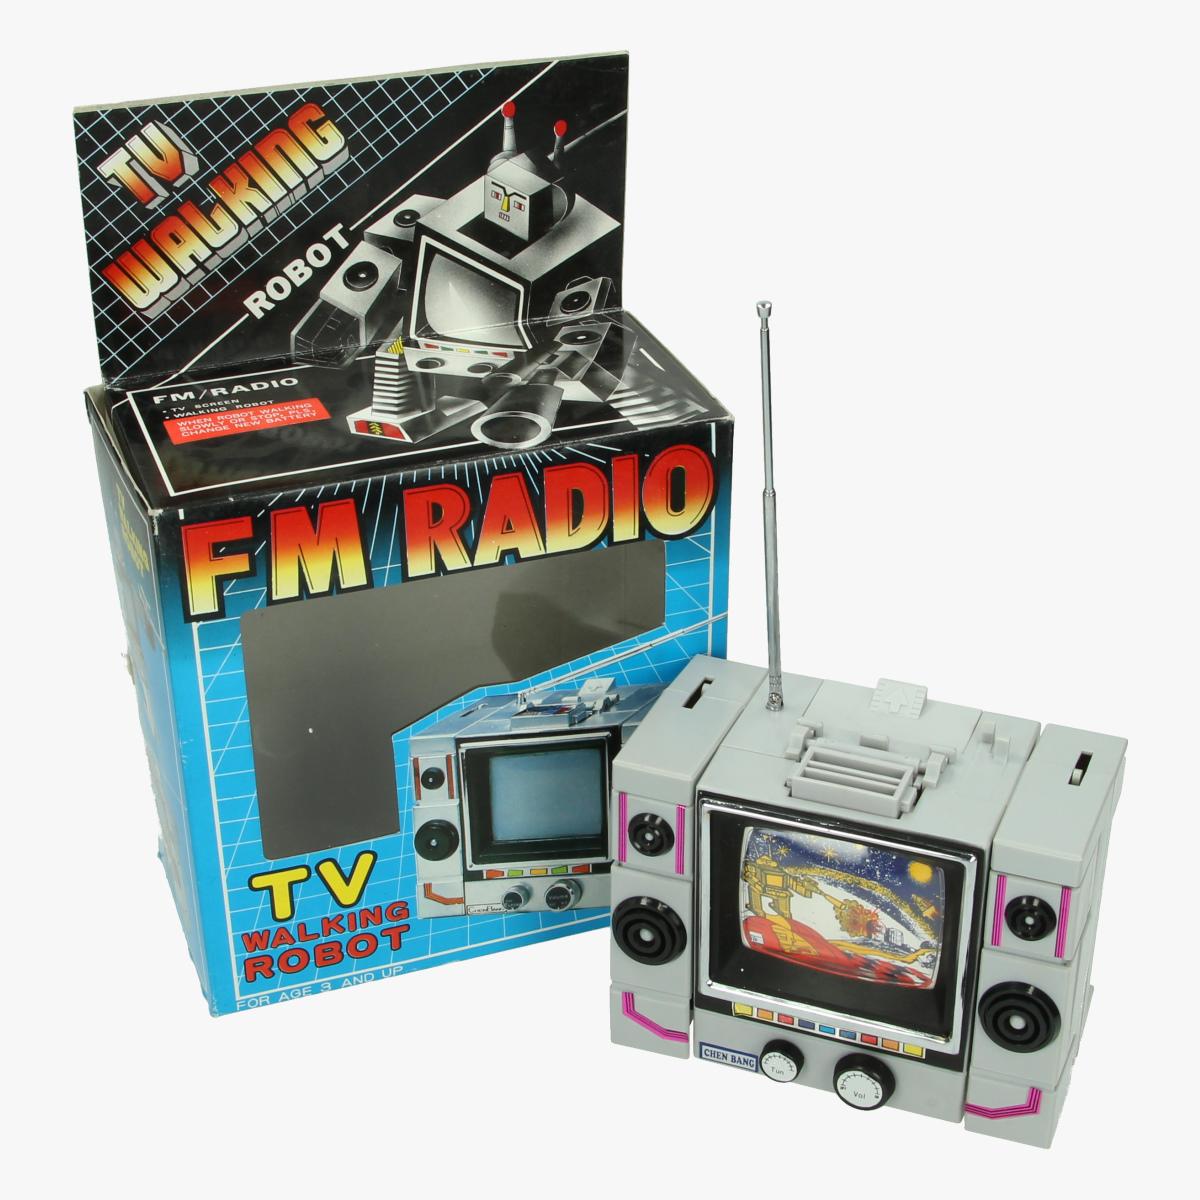 Afbeeldingen van Tv Walking Robot- FM Radio